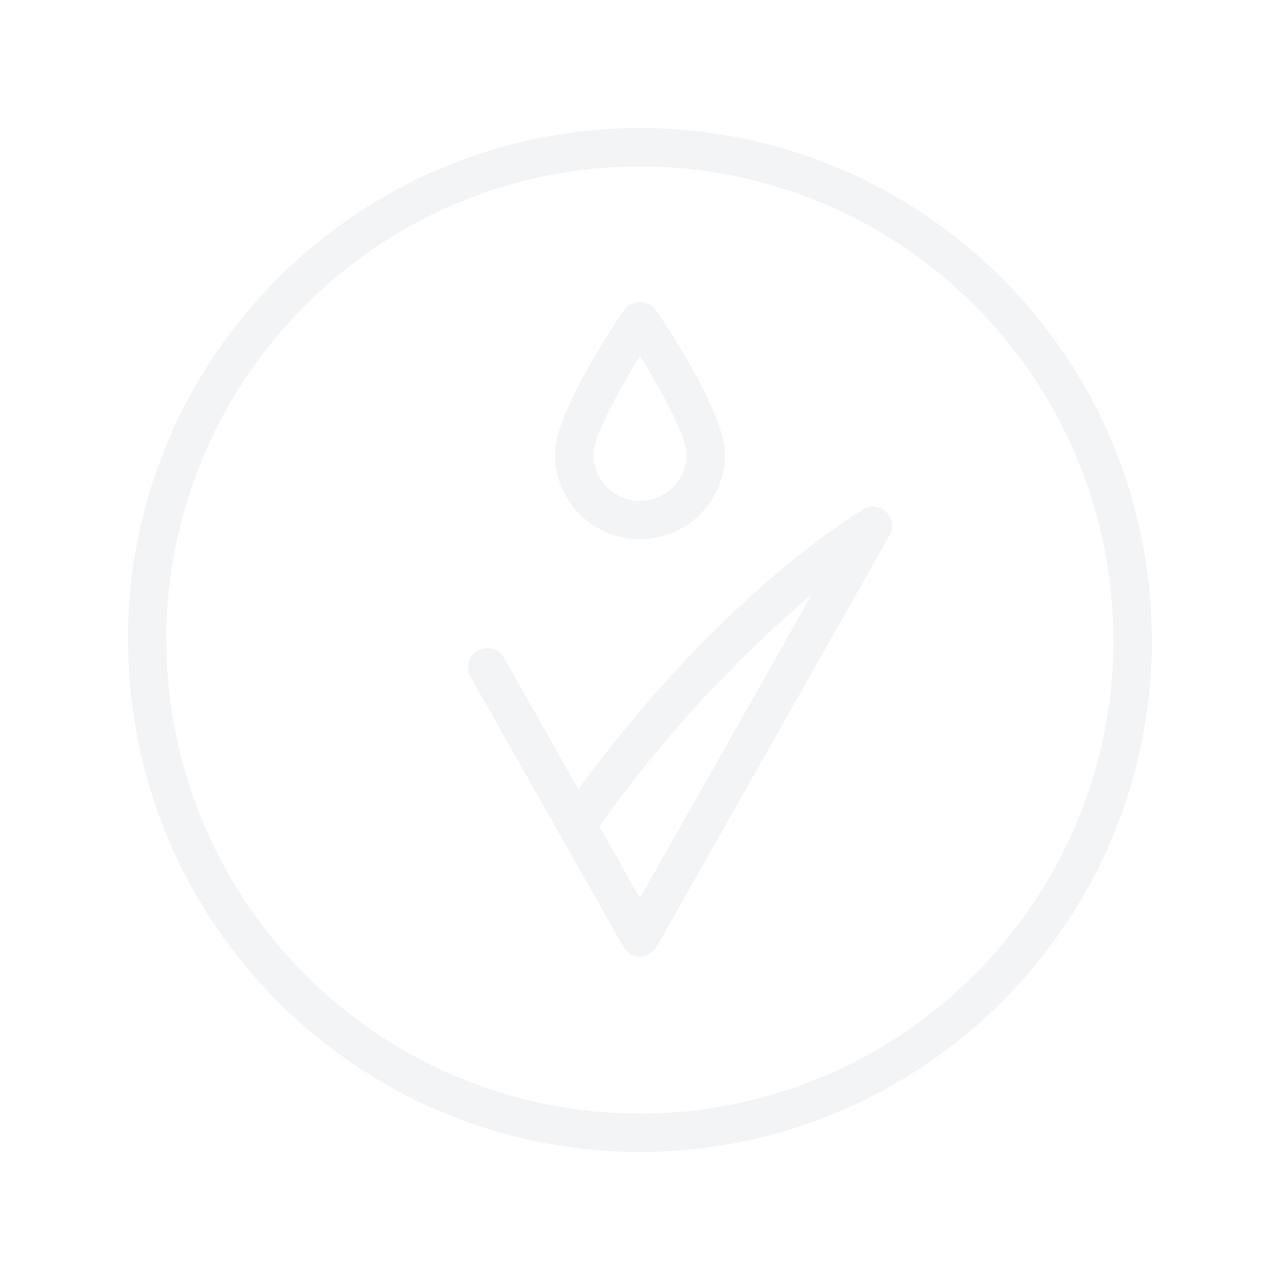 Elizabeth Arden Beautiful Color Natural Eyebrow Pencil 0.09g